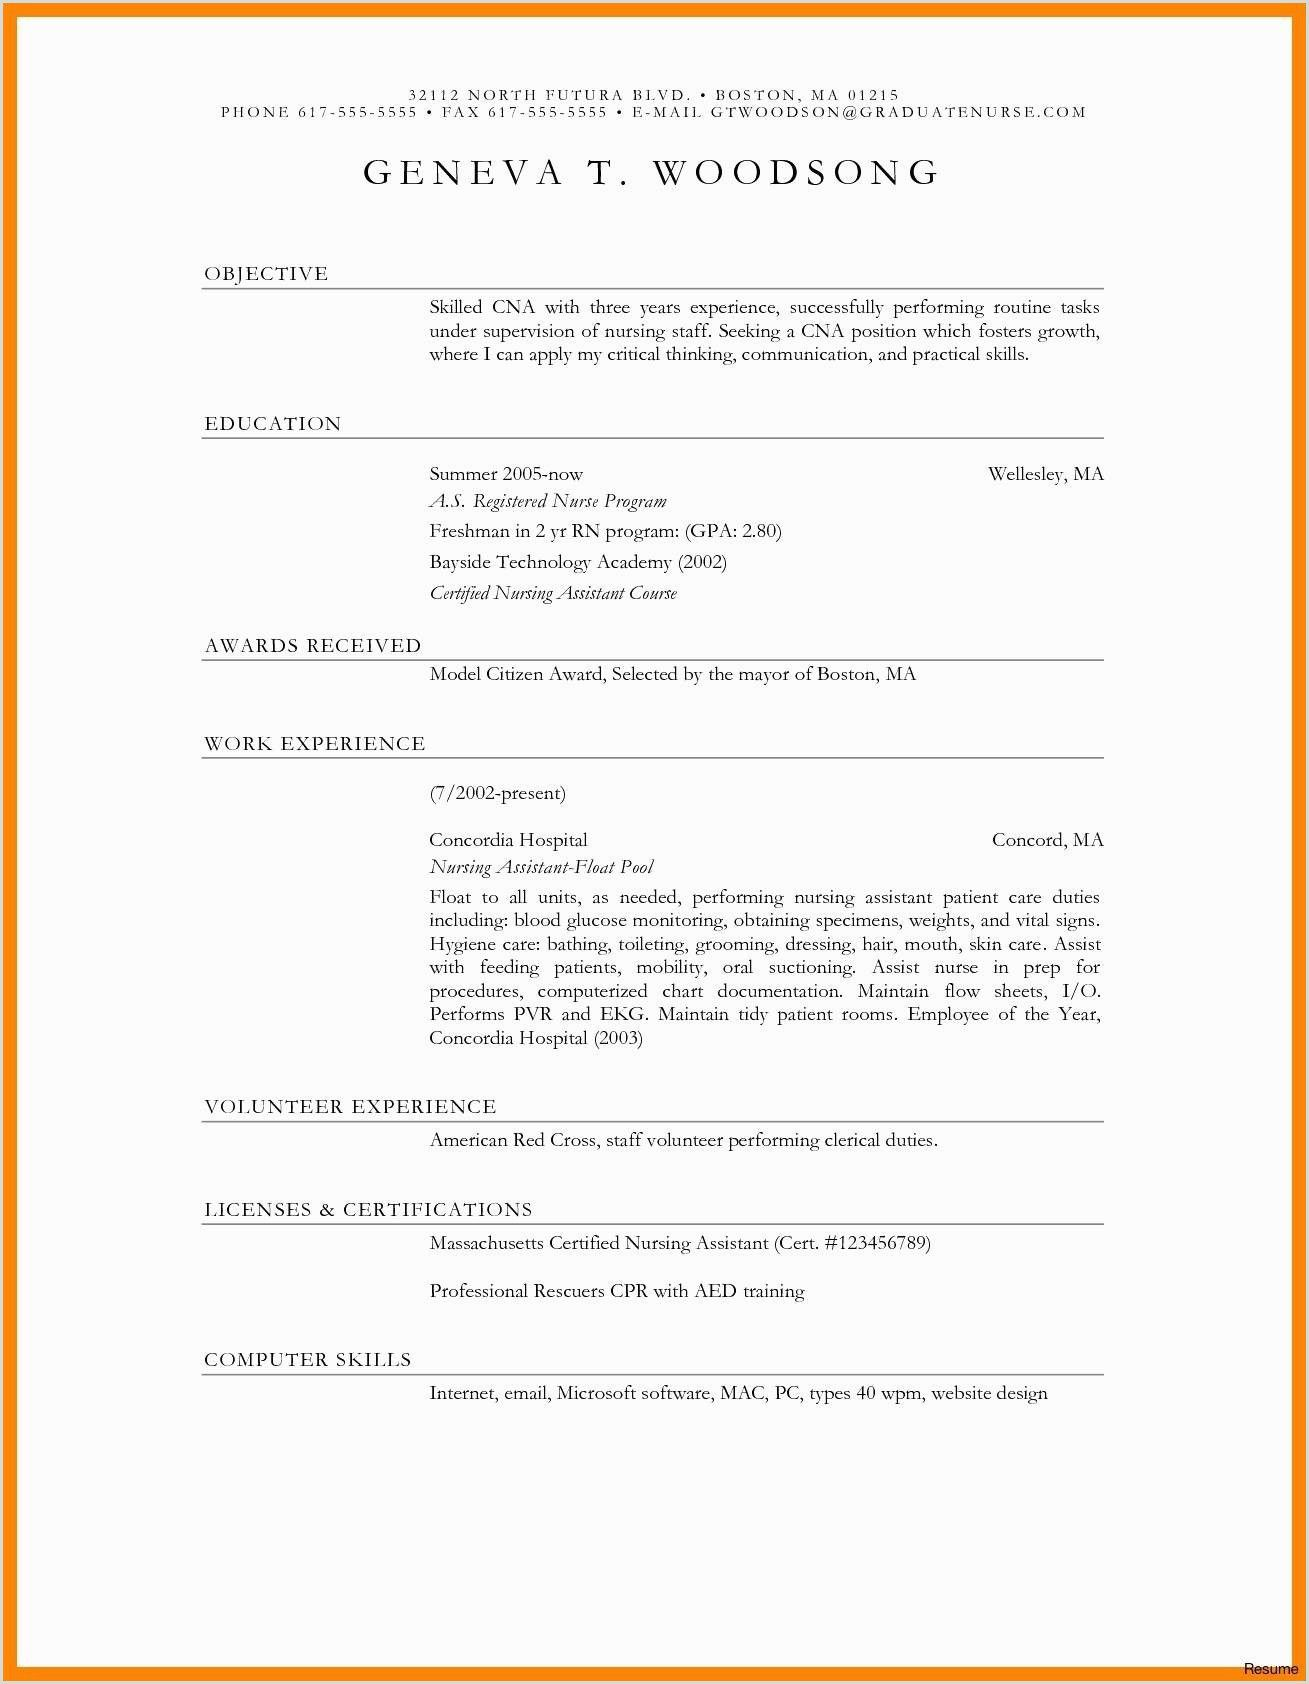 Standard Cv format Singapore in 2020 Unique resume